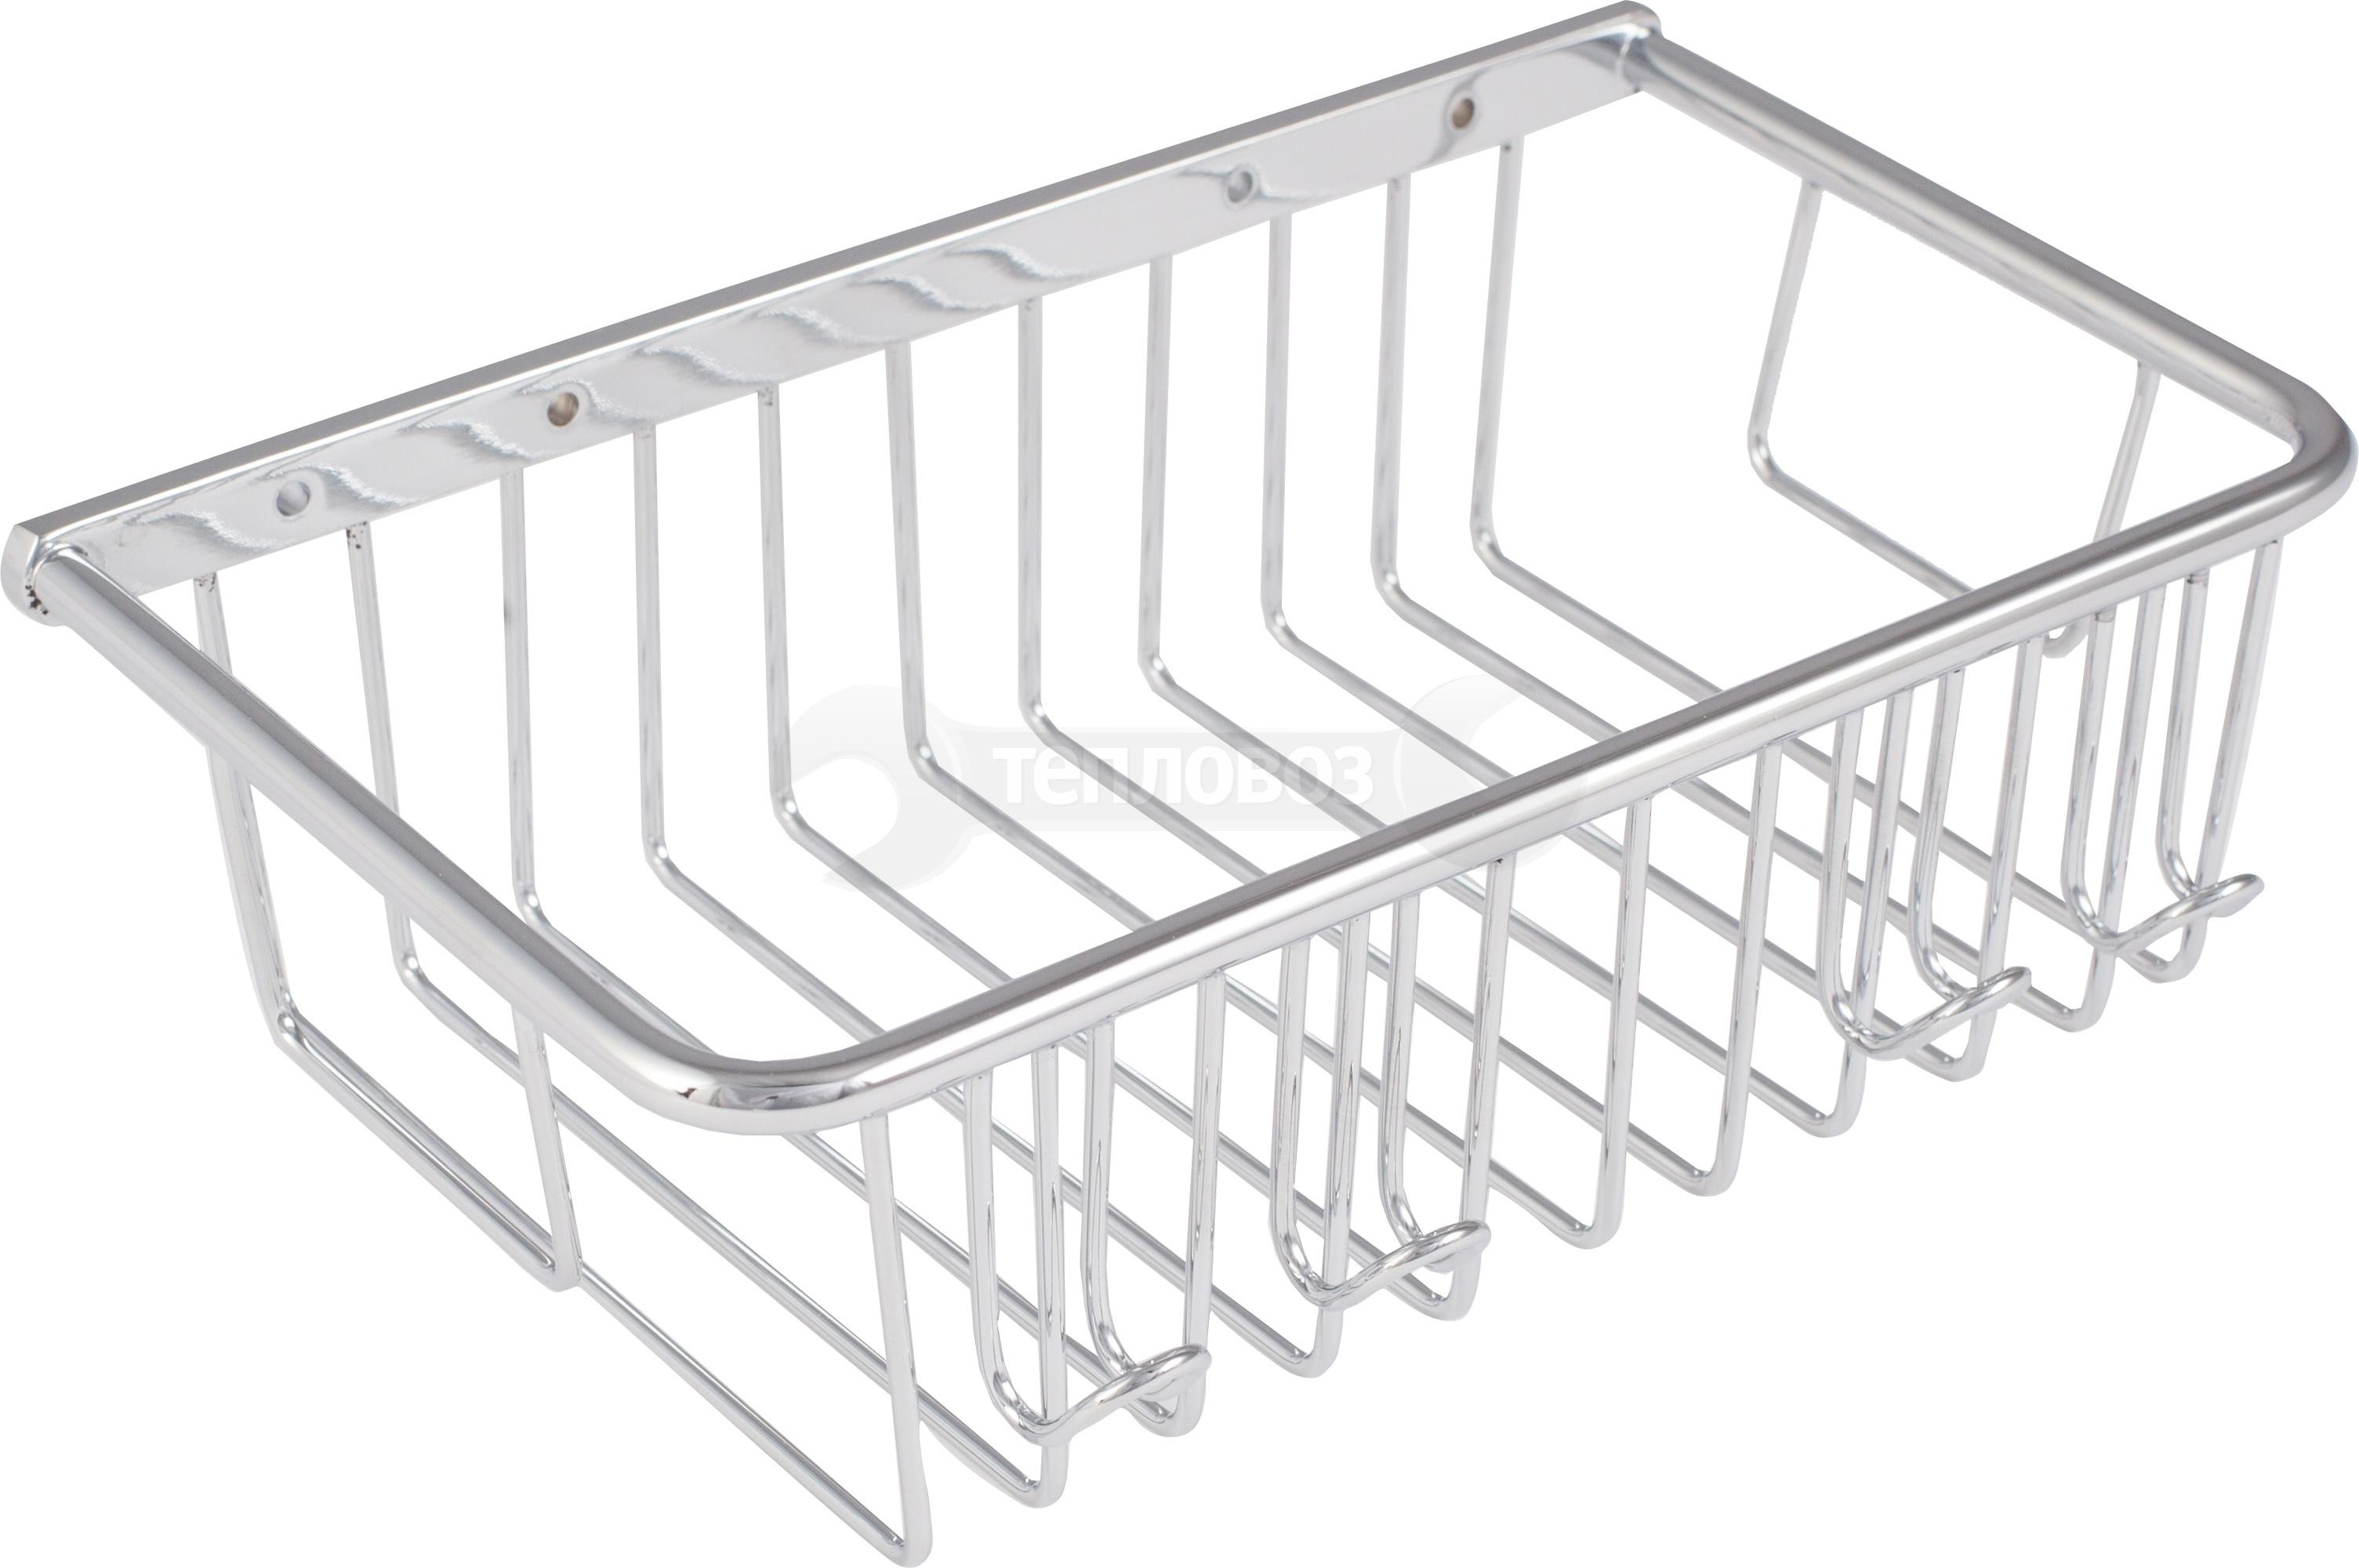 Купить Coffer Sideline ML 45, 30 см в интернет-магазине Дождь